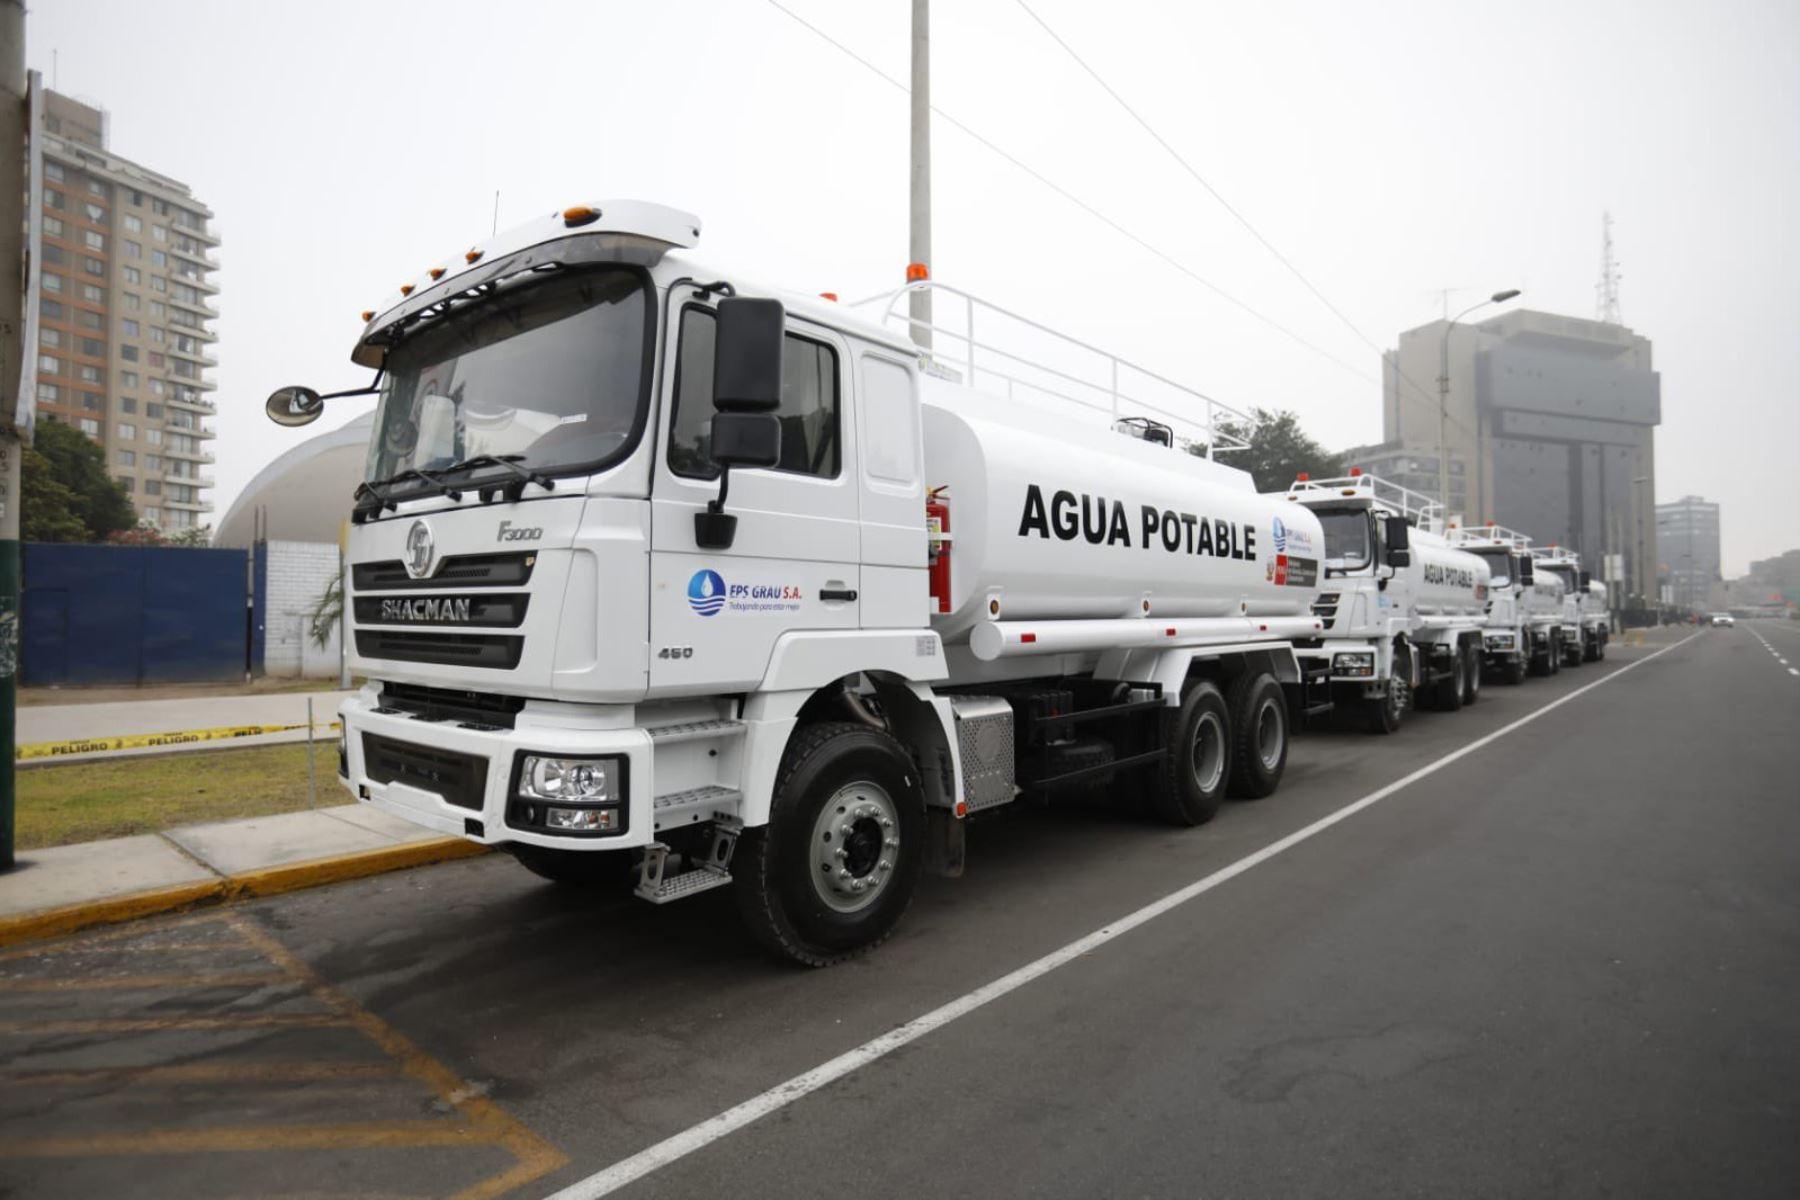 Camiones cisterna se dirigen a Lima, Ica, Amazonas, Cajamarca, San Martín, Áncash, Piura y Huancavelica. Foto: ANDINA/Difusión